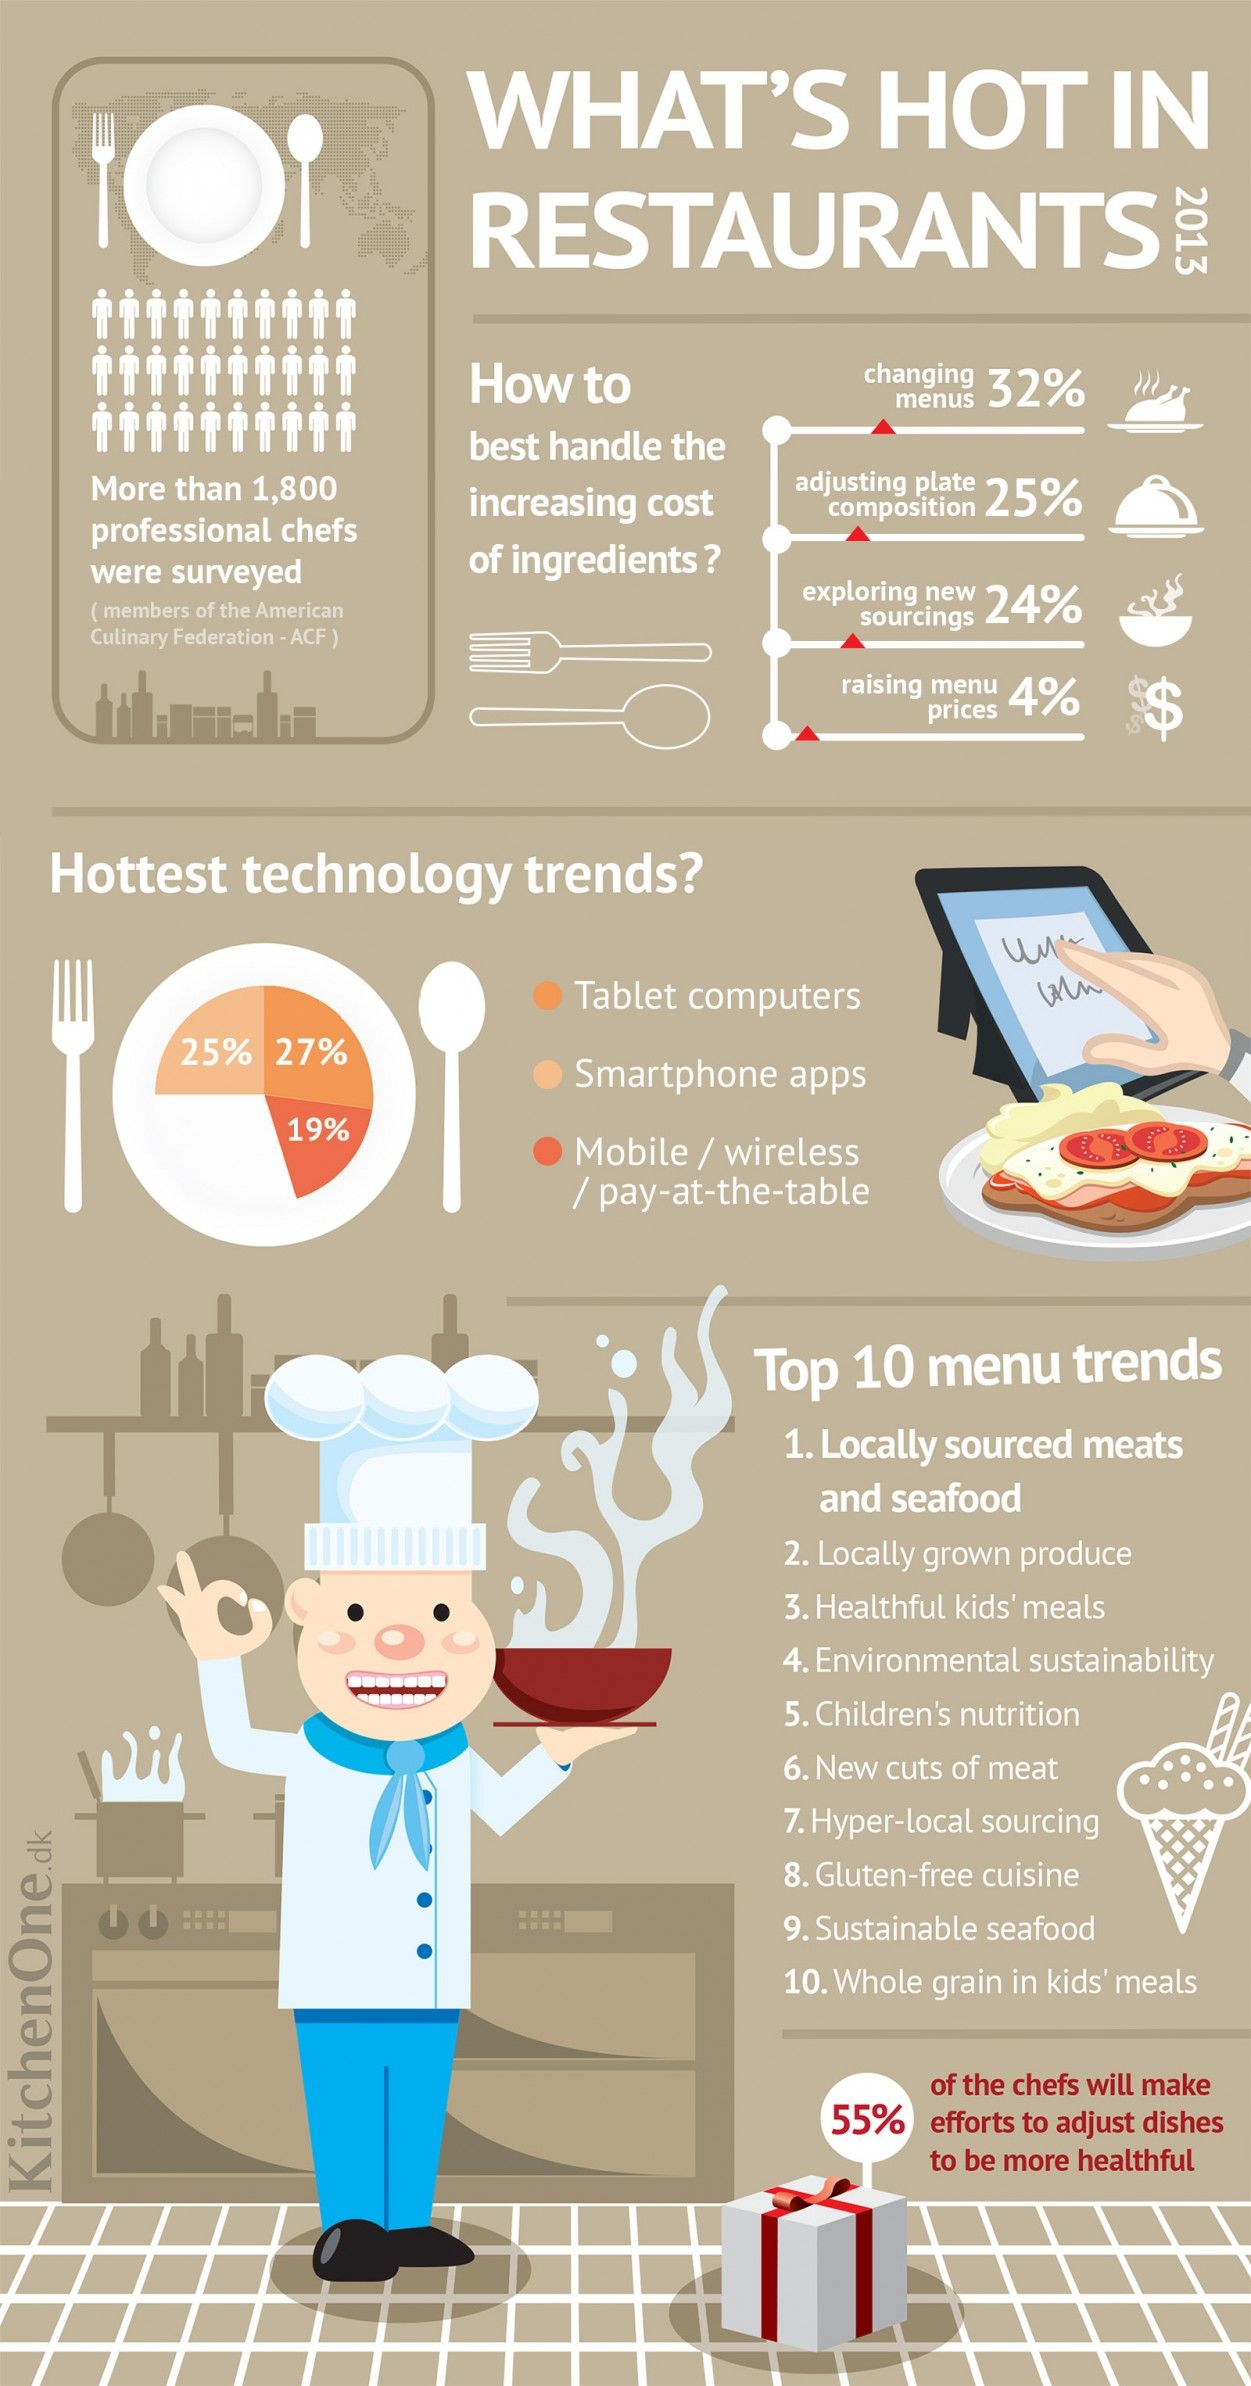 Tendencias restaurantes 2013 #infografia #infographic #tourism